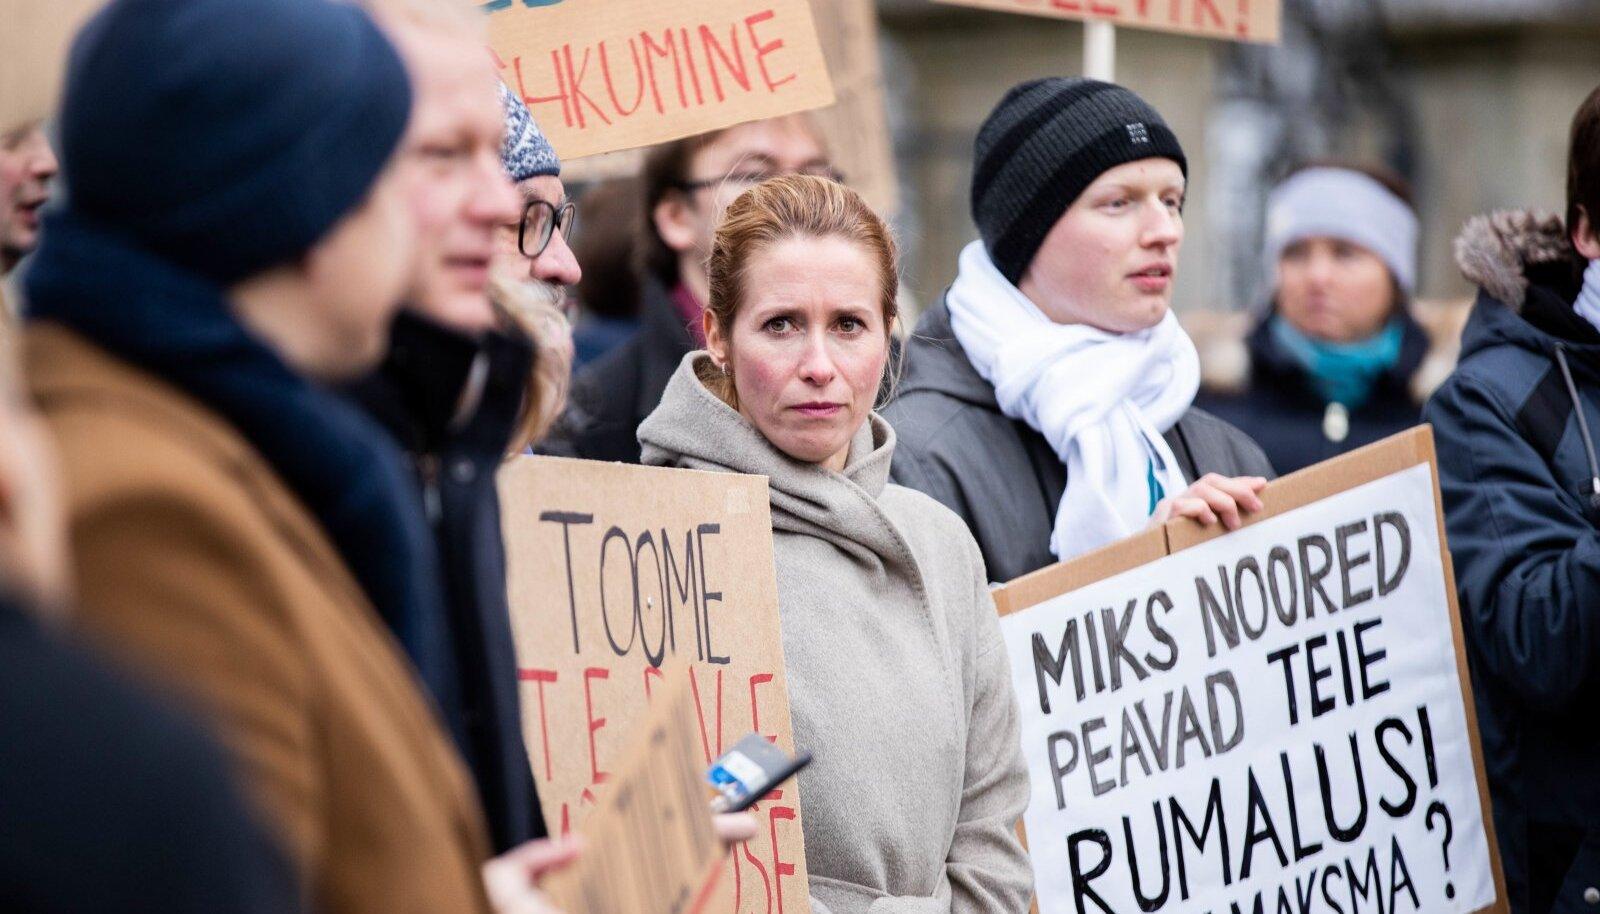 Noored kliimastreikijad on avaldanud lootust, et uue valitsuse ajal saavad nad iganädalastest meeleavaldustest loobuda.